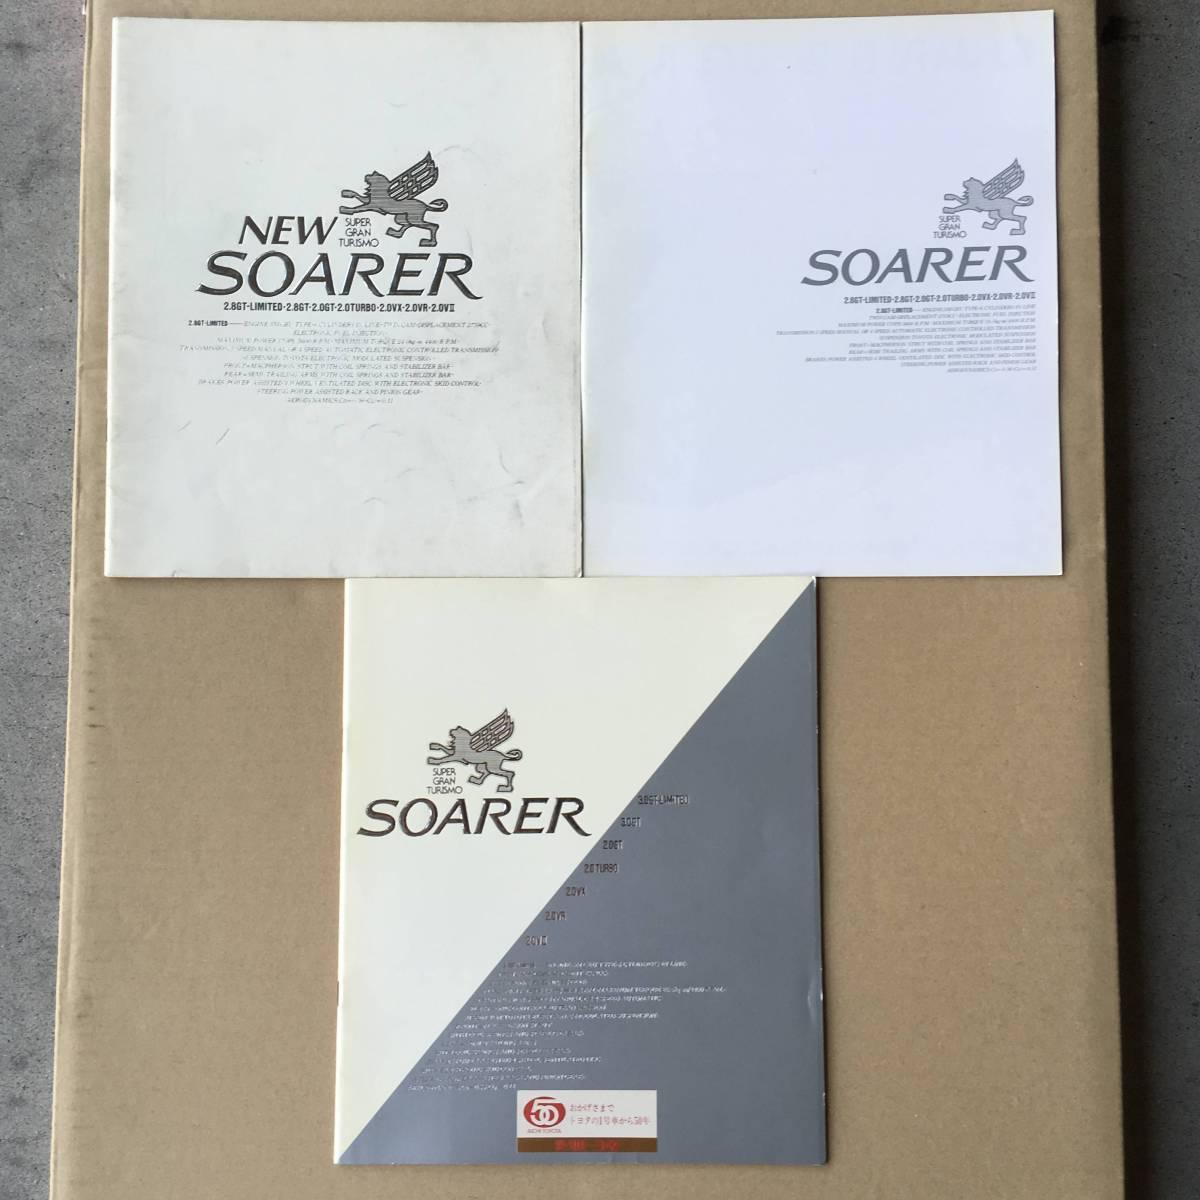 ☆ ソアラ 3冊まとめて SOARER トヨタ TOYOTA カタログ パンフレット ☆